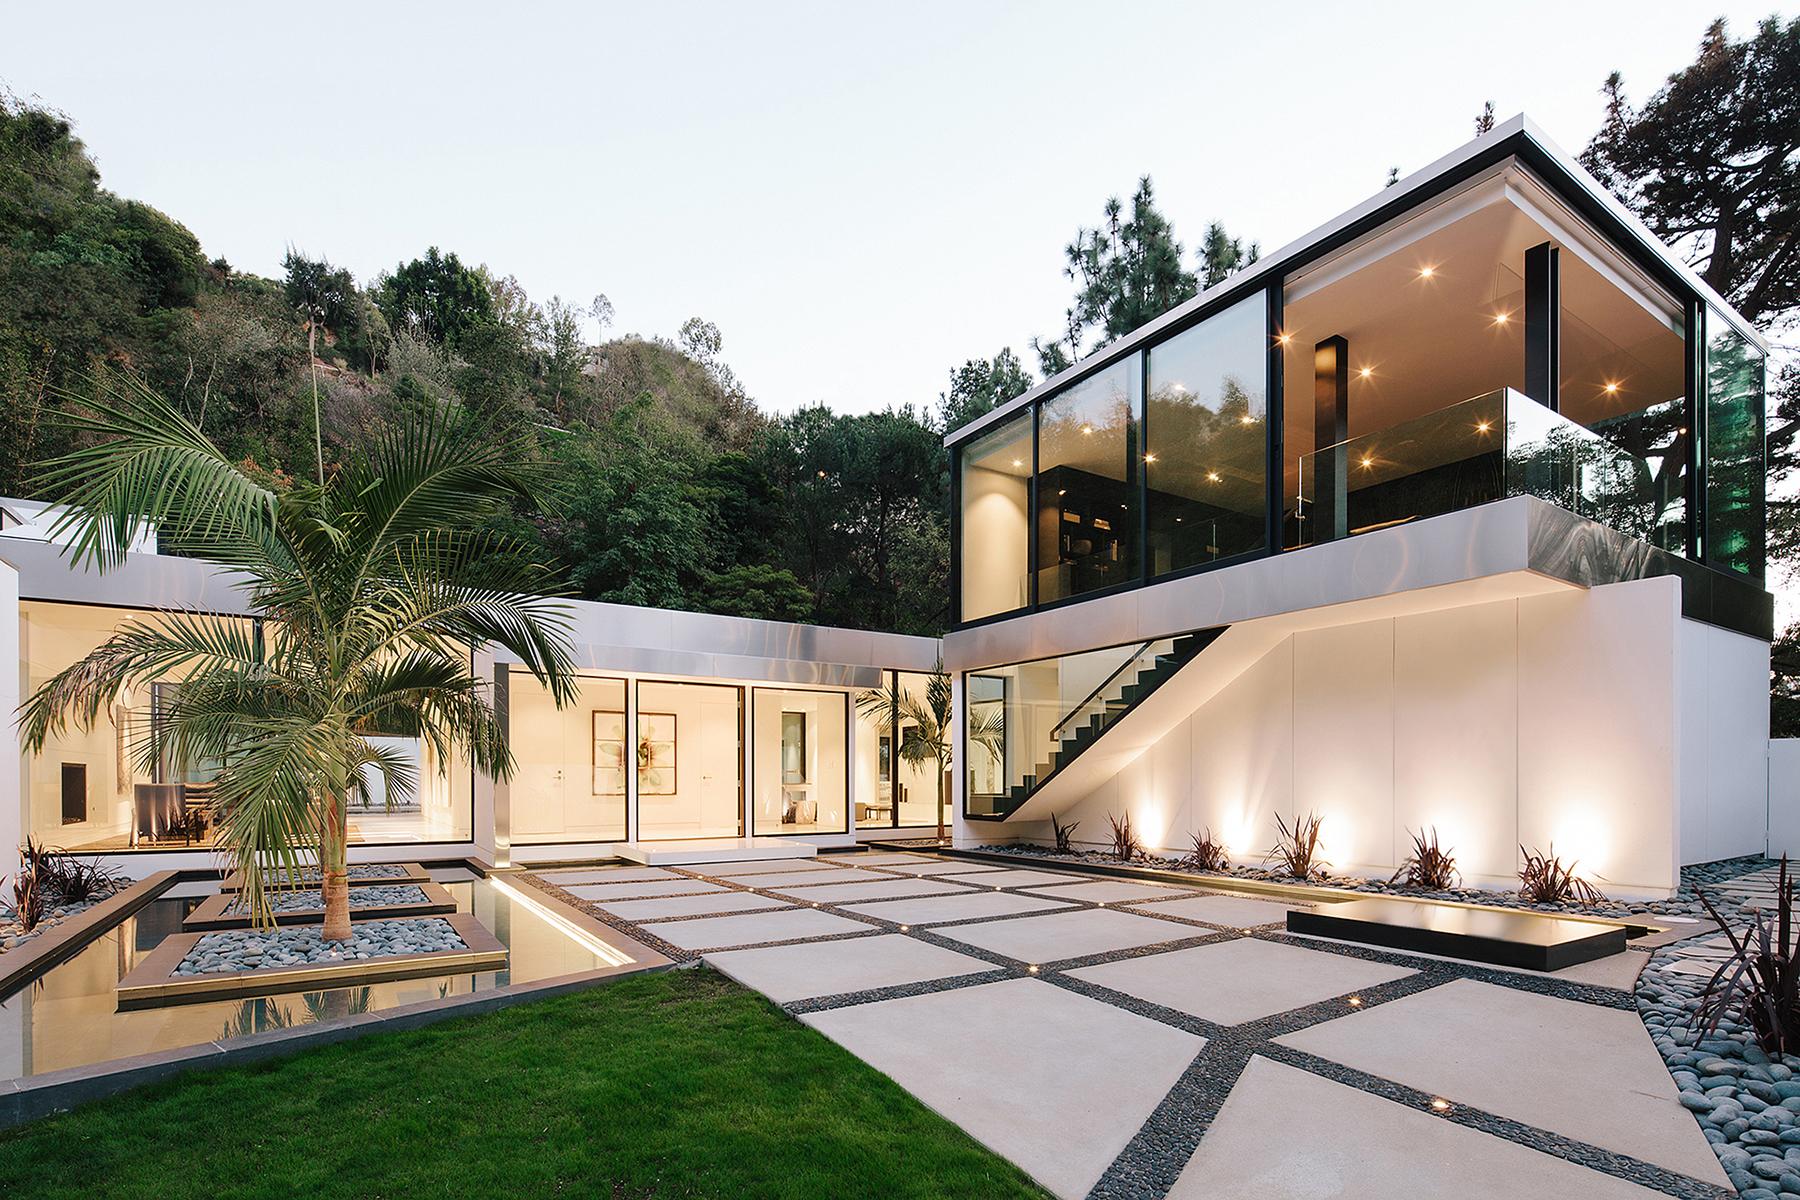 belzberg-architect-Rising-Glen-Residence-101.jpg